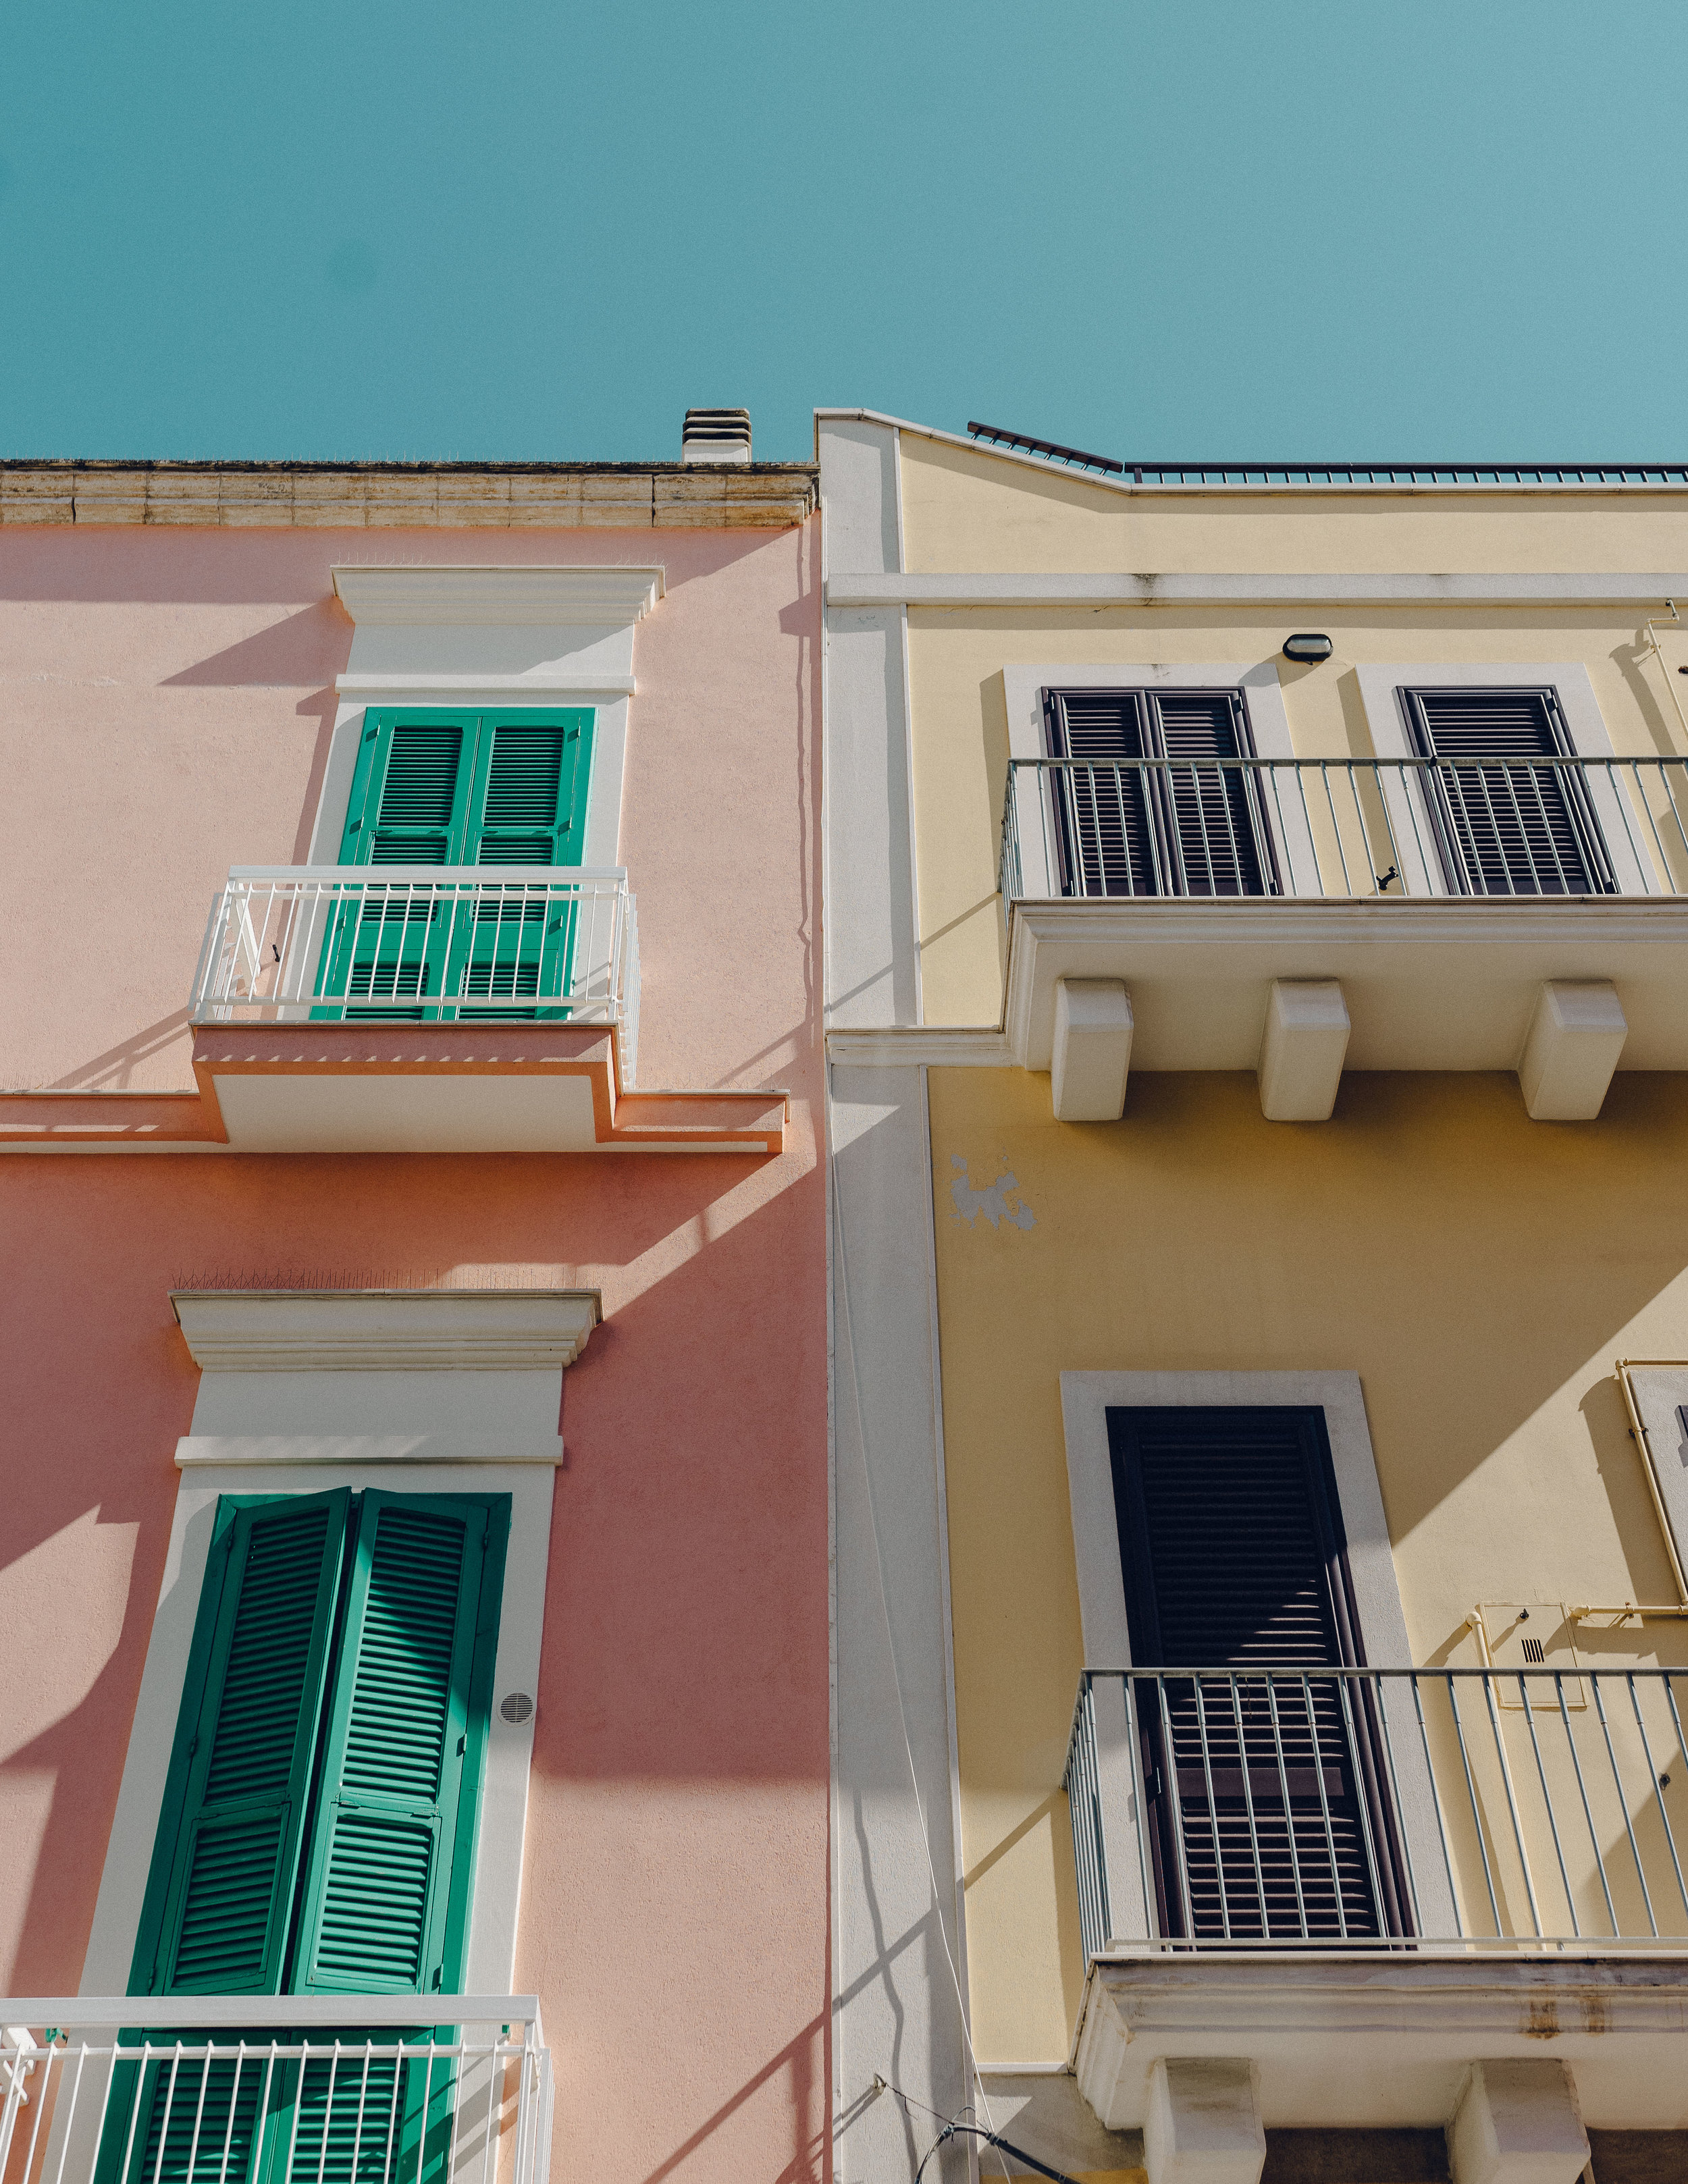 ASROSENVINGE_Roadtrip_Italy_Monopoli-07030.jpg